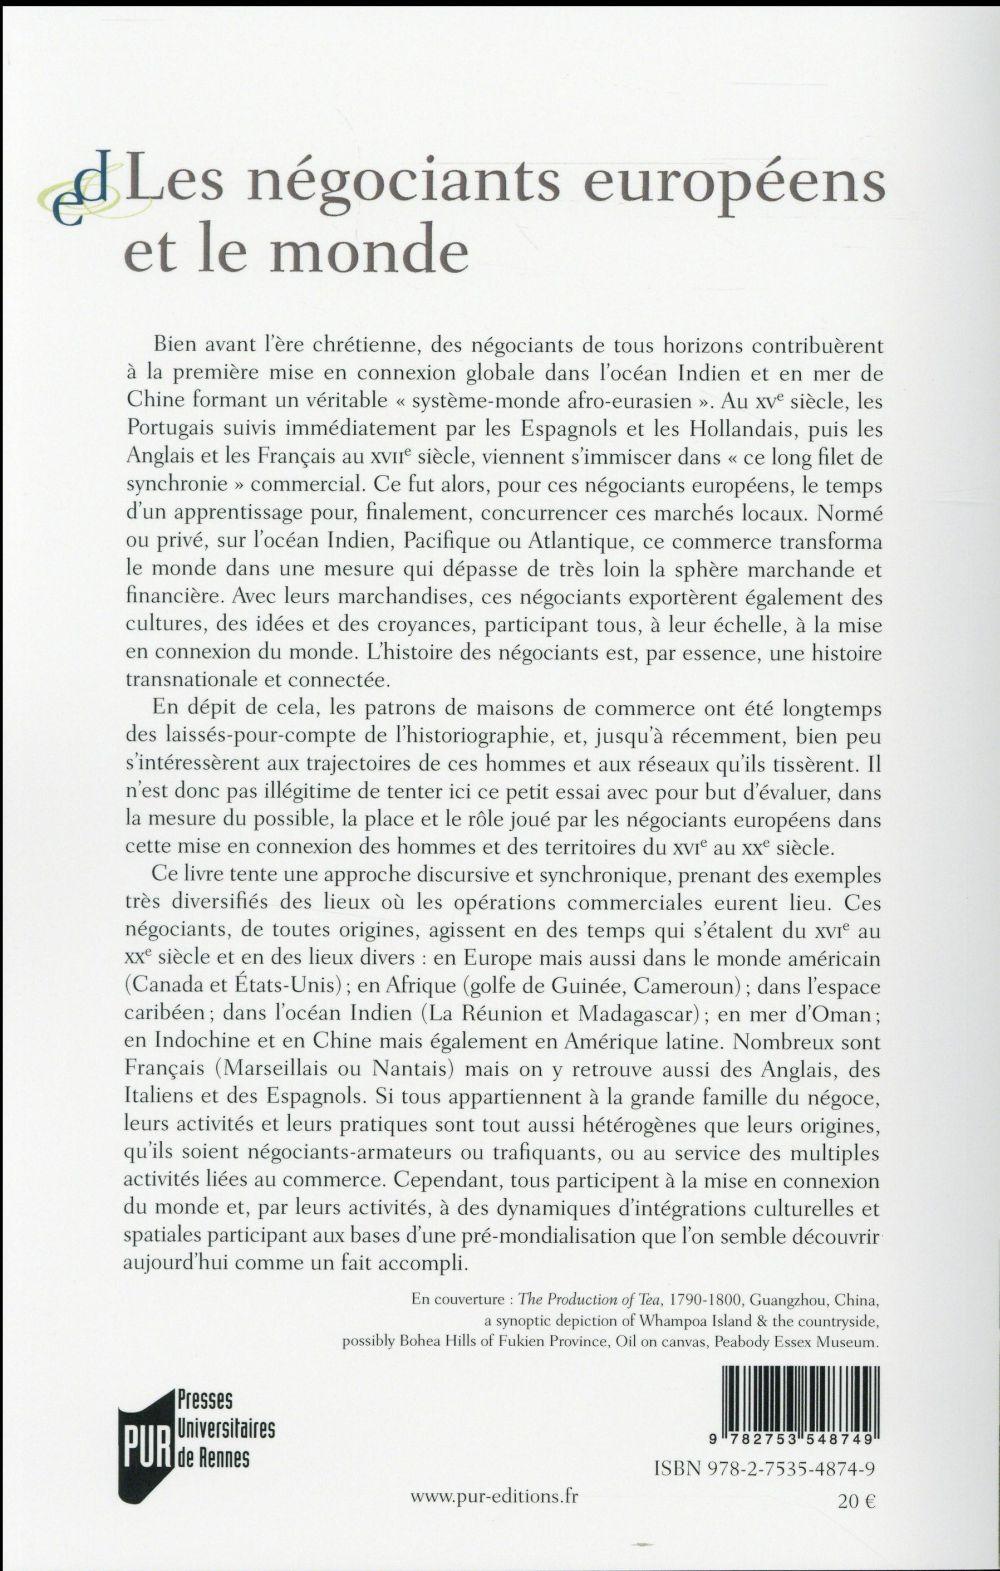 Les négociants européens et le monde ; histoire d'une mise en connexion